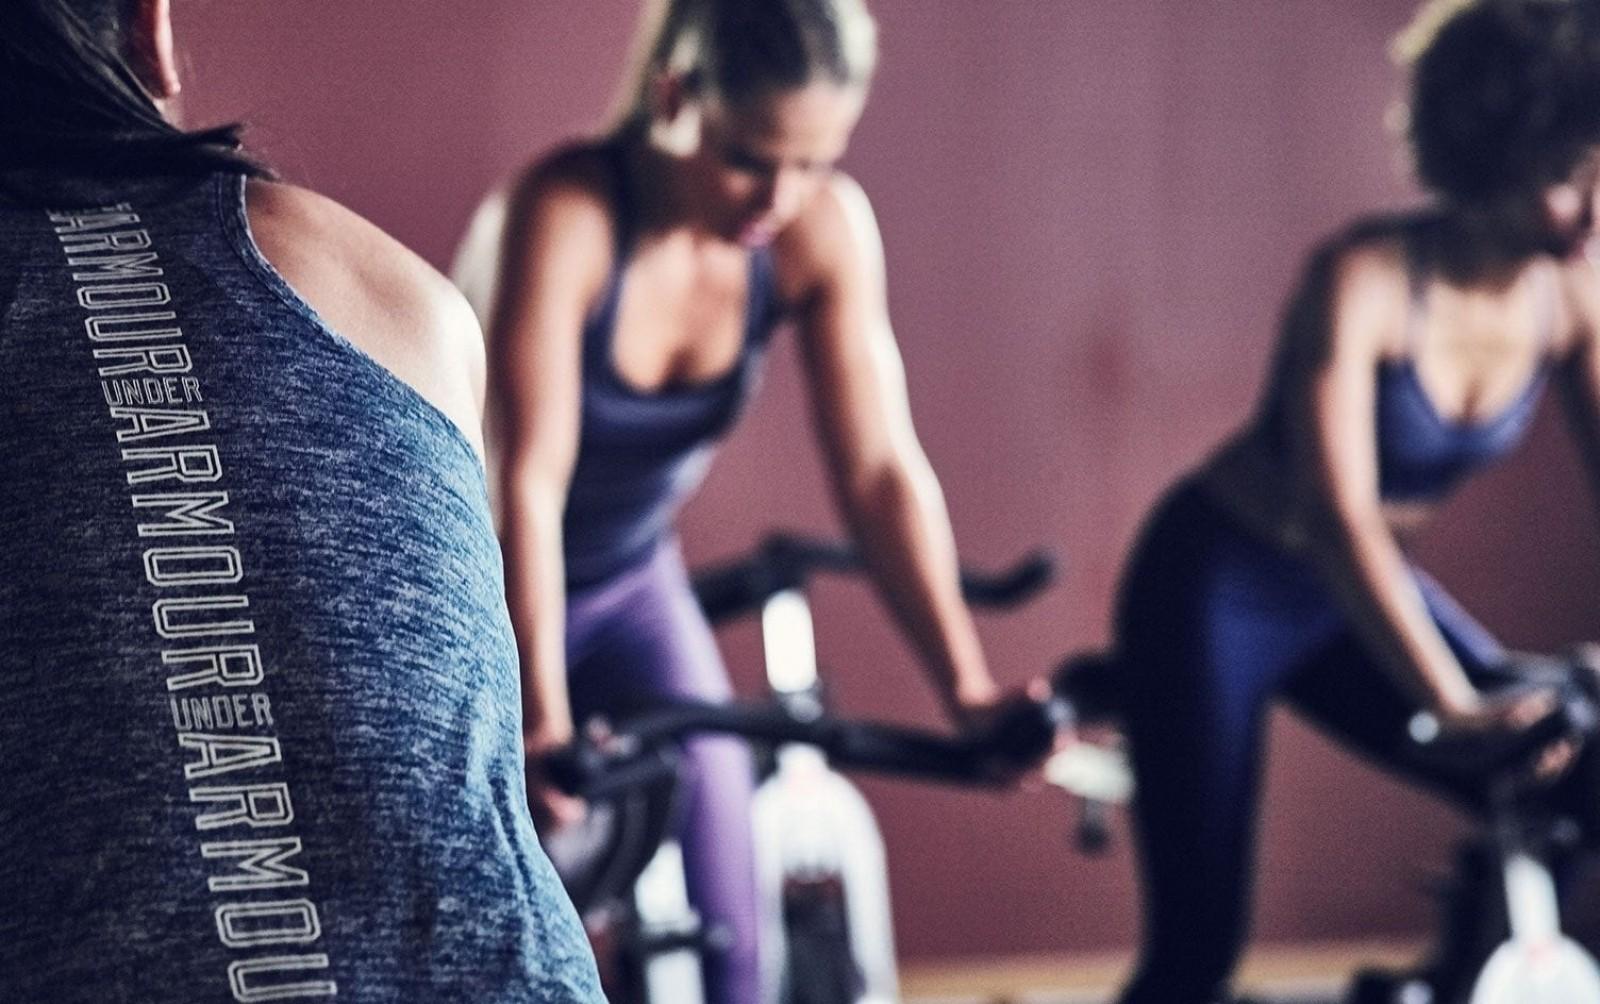 calcular-calorias-ciclismo/